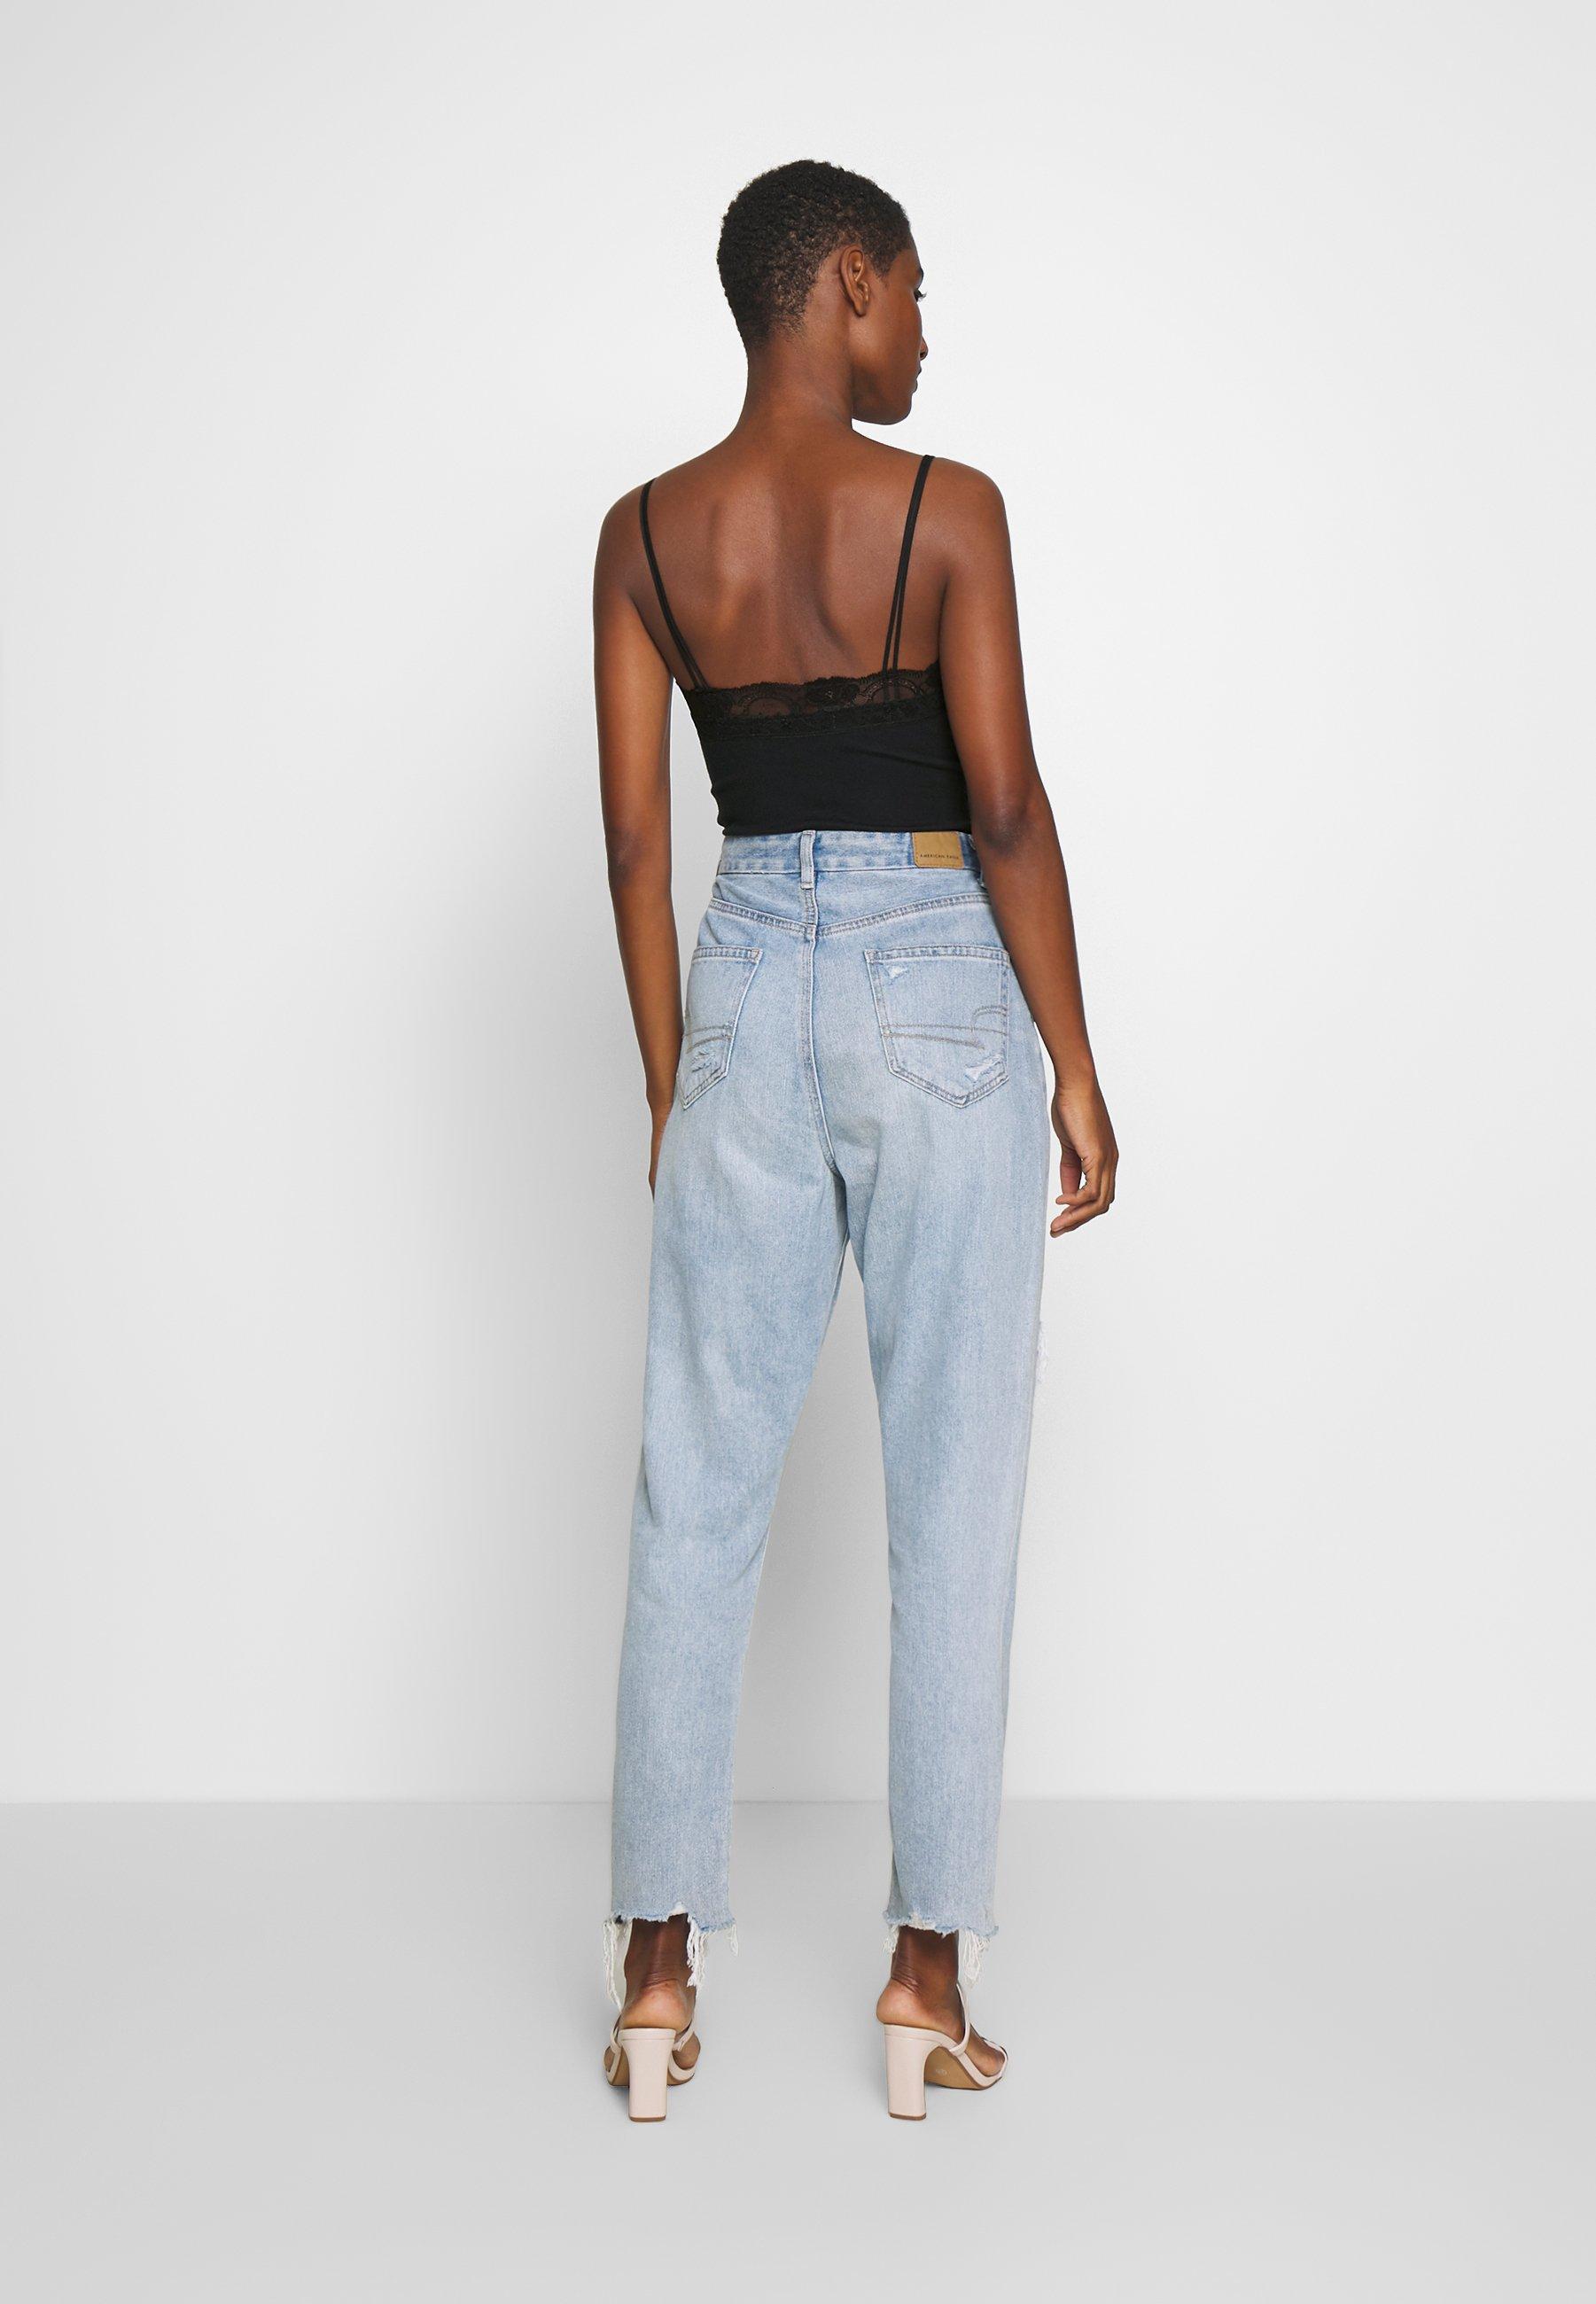 Abercrombie & Fitch Débardeur - black - Tops & T-shirts Femme WhZ5M